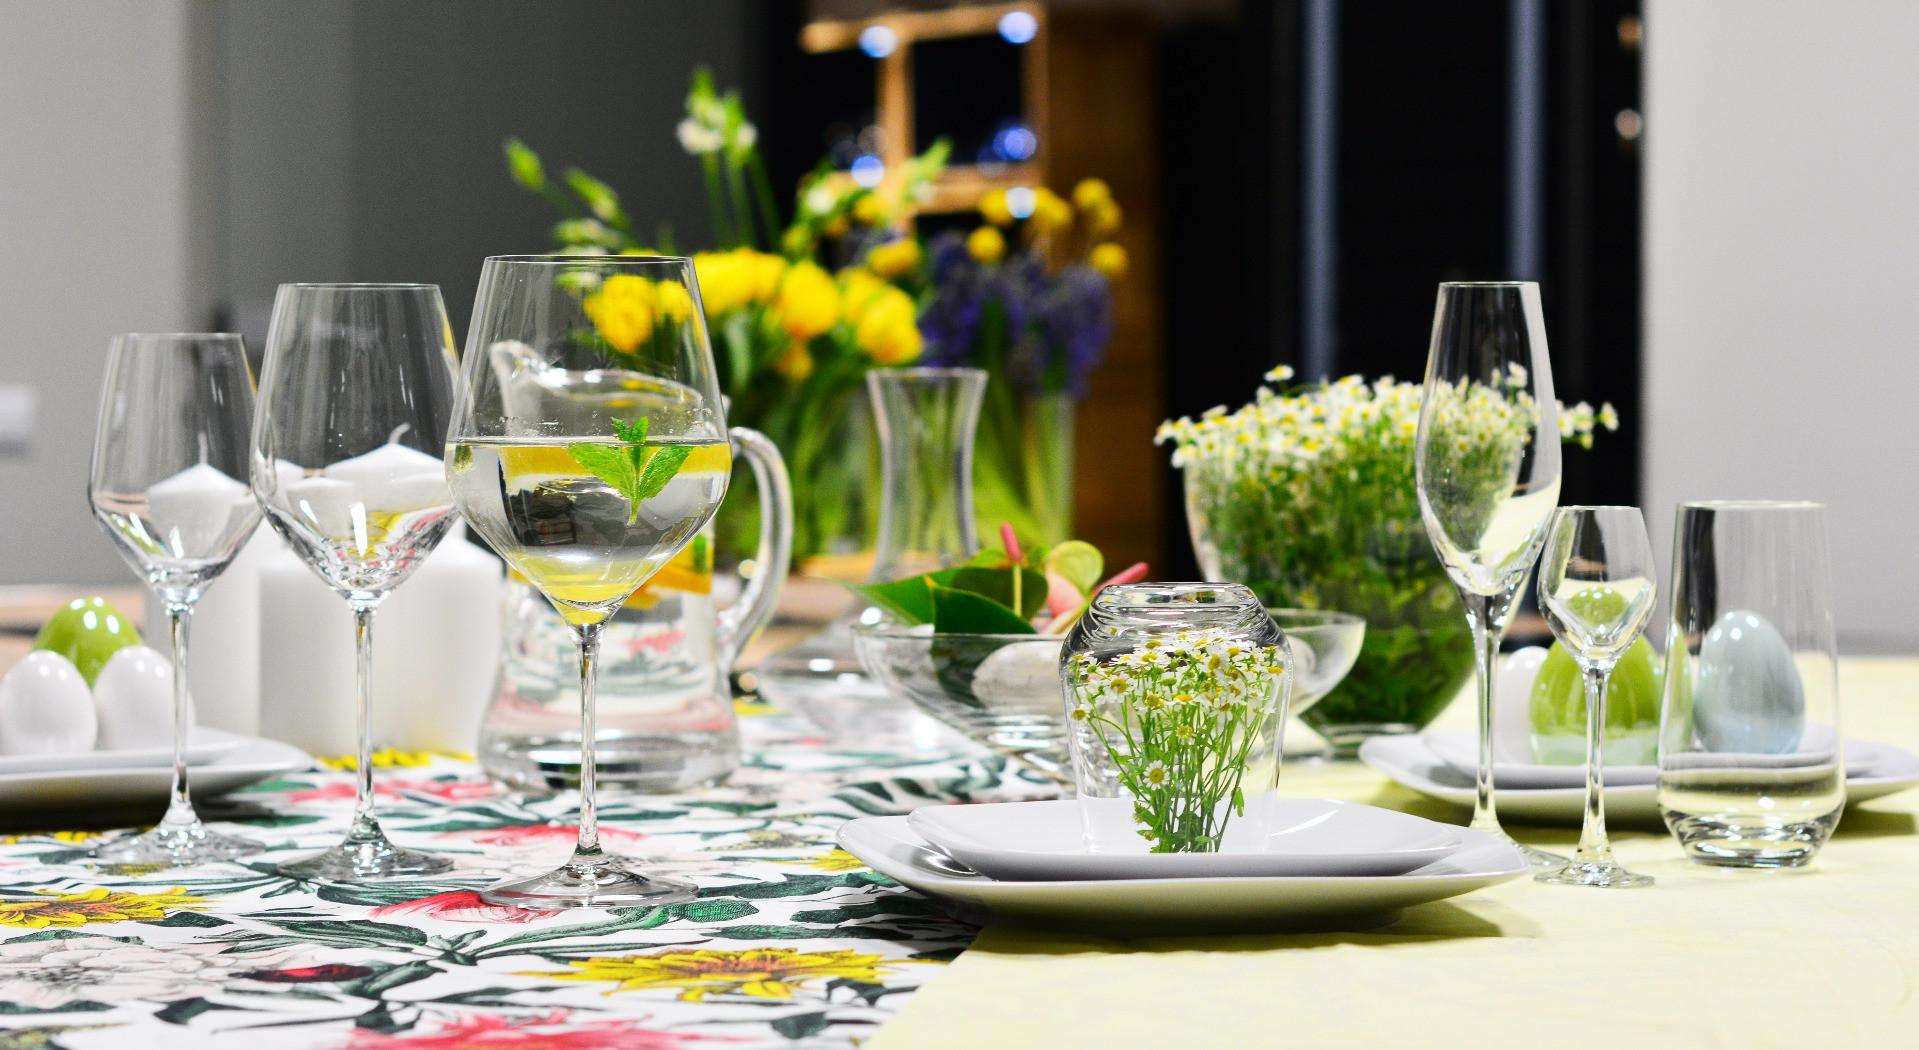 Kolekcja szkła Splendour KROSNO w wielkanocnej aranżacji